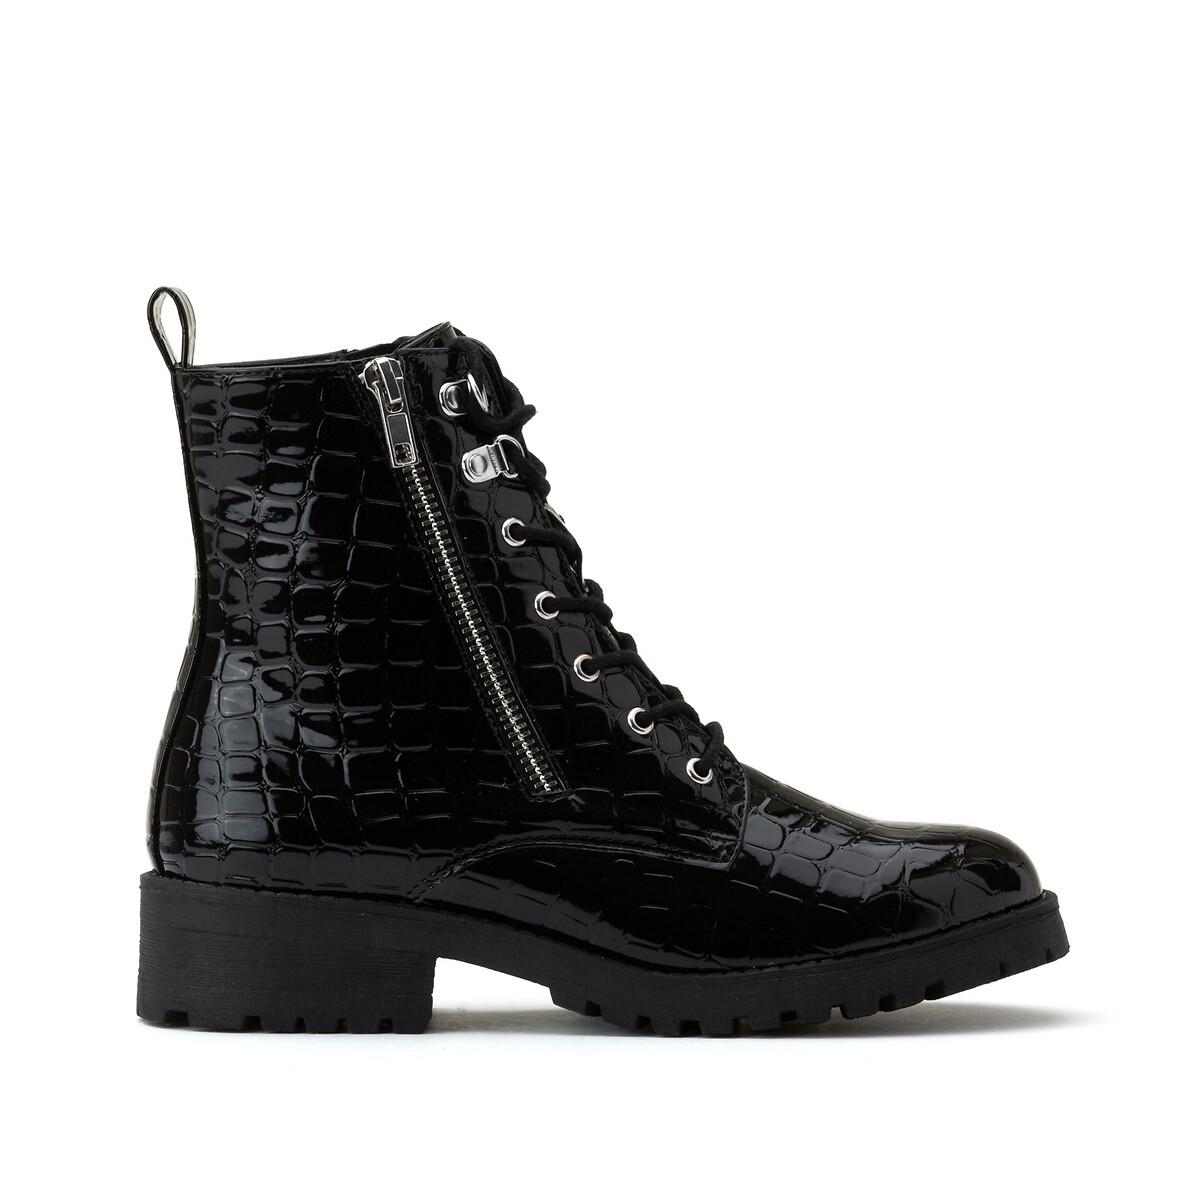 Ботинки LaRedoute Лакированные с эффектом крокодиловой кожи 41 черный недорого